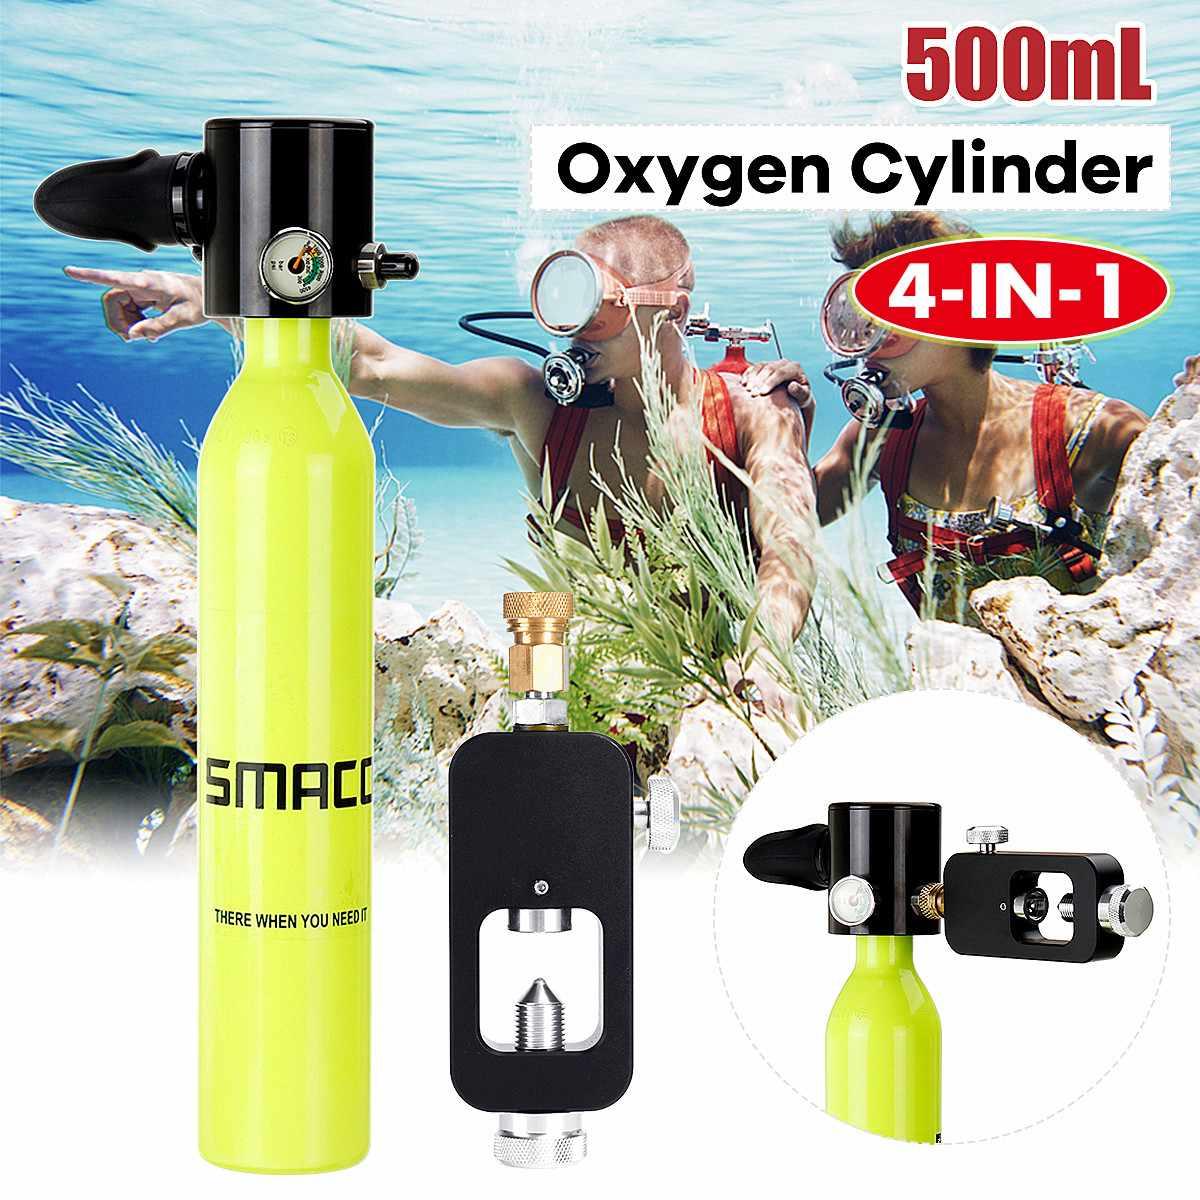 4 pièces 500 mL Smaco Mini équipement de plongée sous-marine Portable bouteille d'oxygène de secours Air réservoir d'oxygène avec Kit d'union rotatif Aqualung nouveau